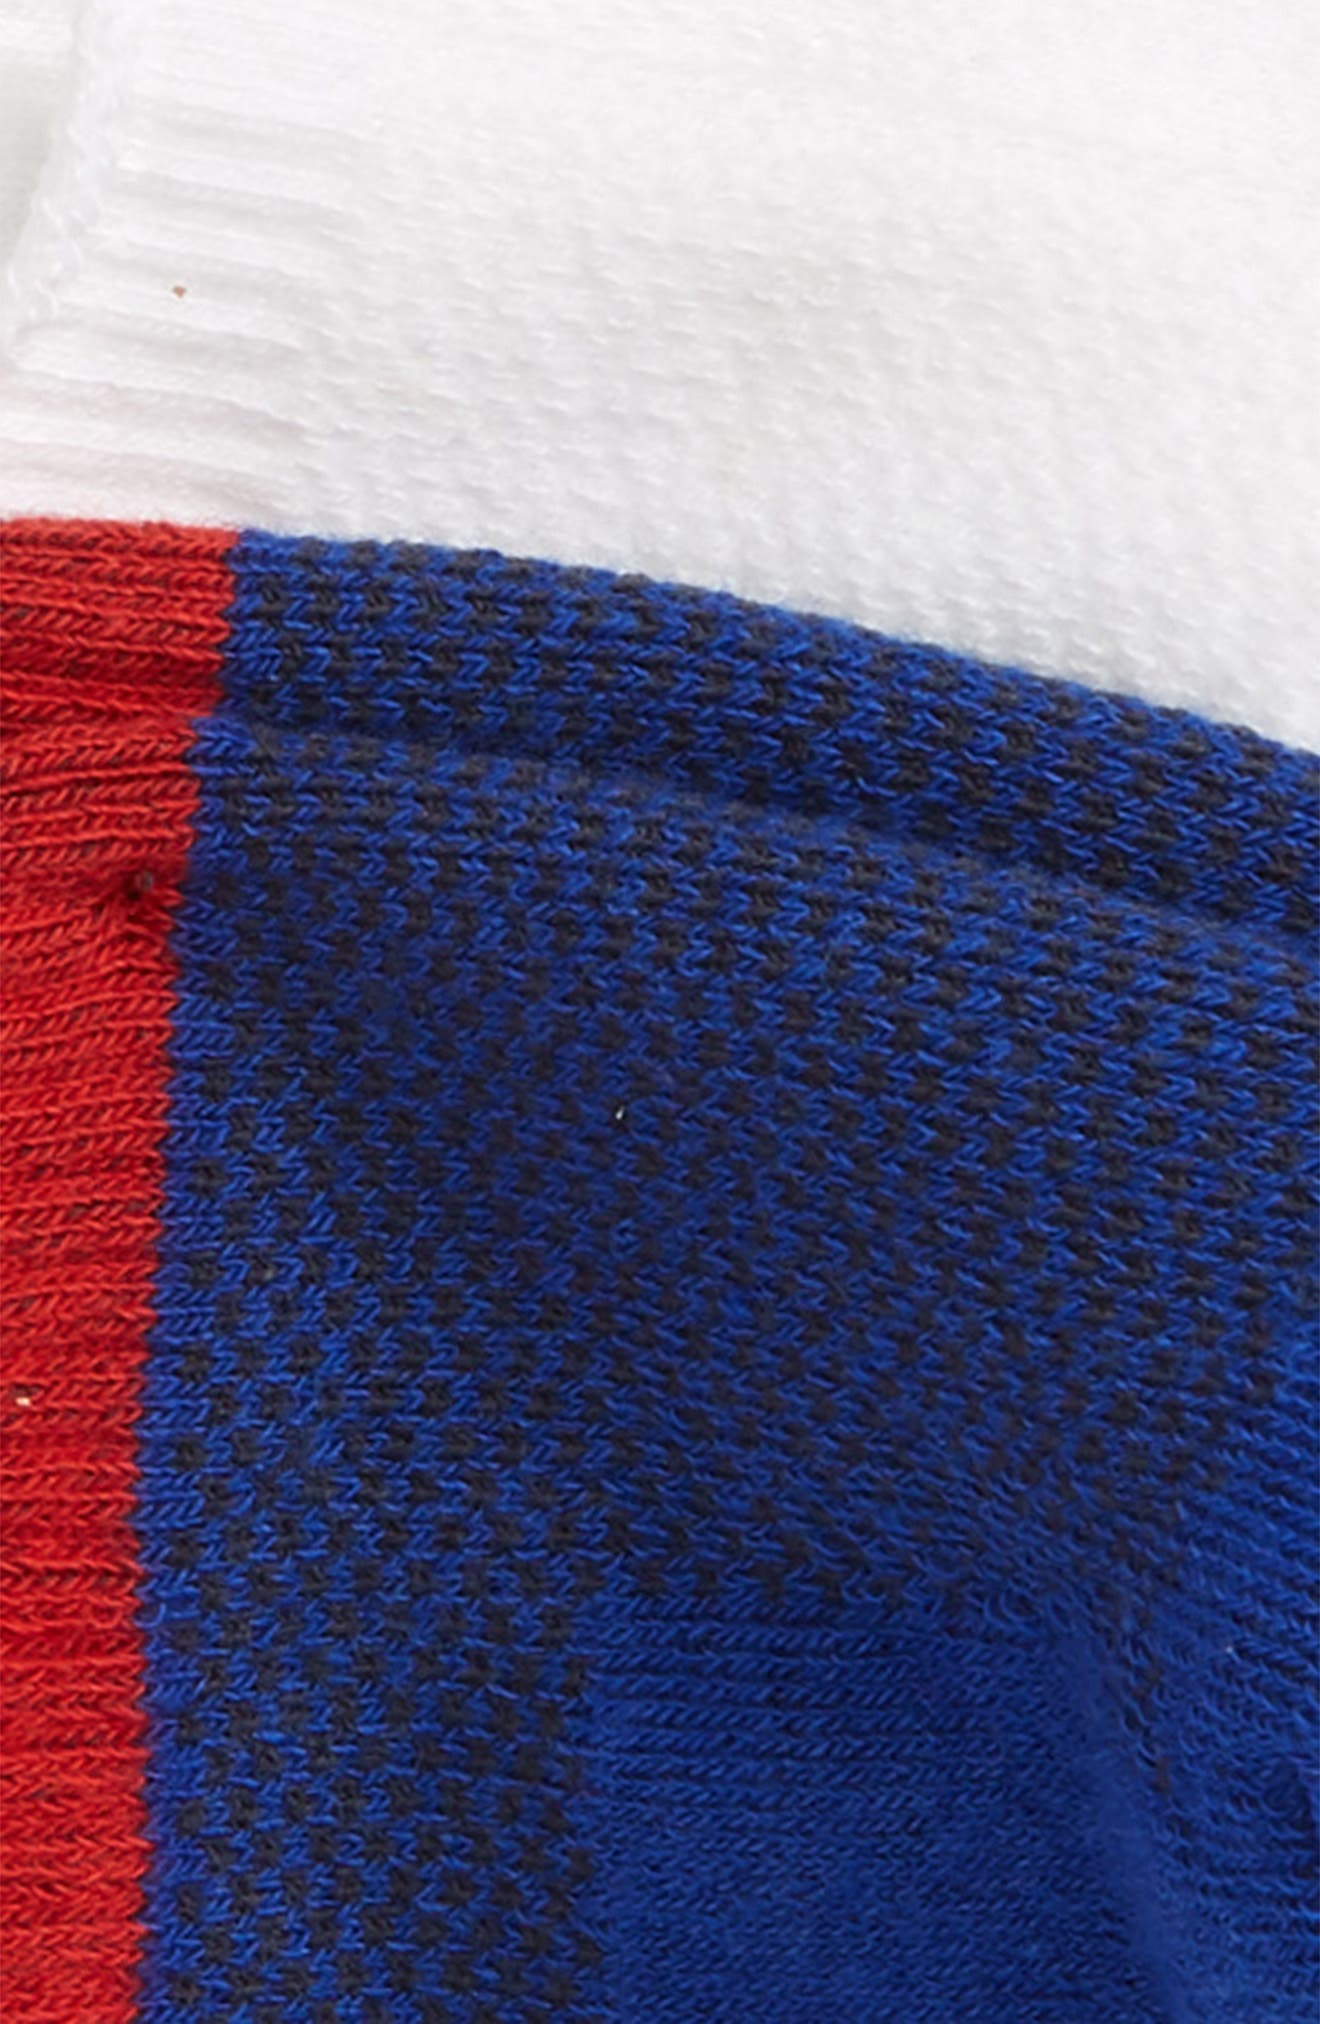 NORDSTROM MEN'S SHOP,                             Nordstrom Mens Shop 2-Pack Performance Liner Socks,                             Alternate thumbnail 2, color,                             610